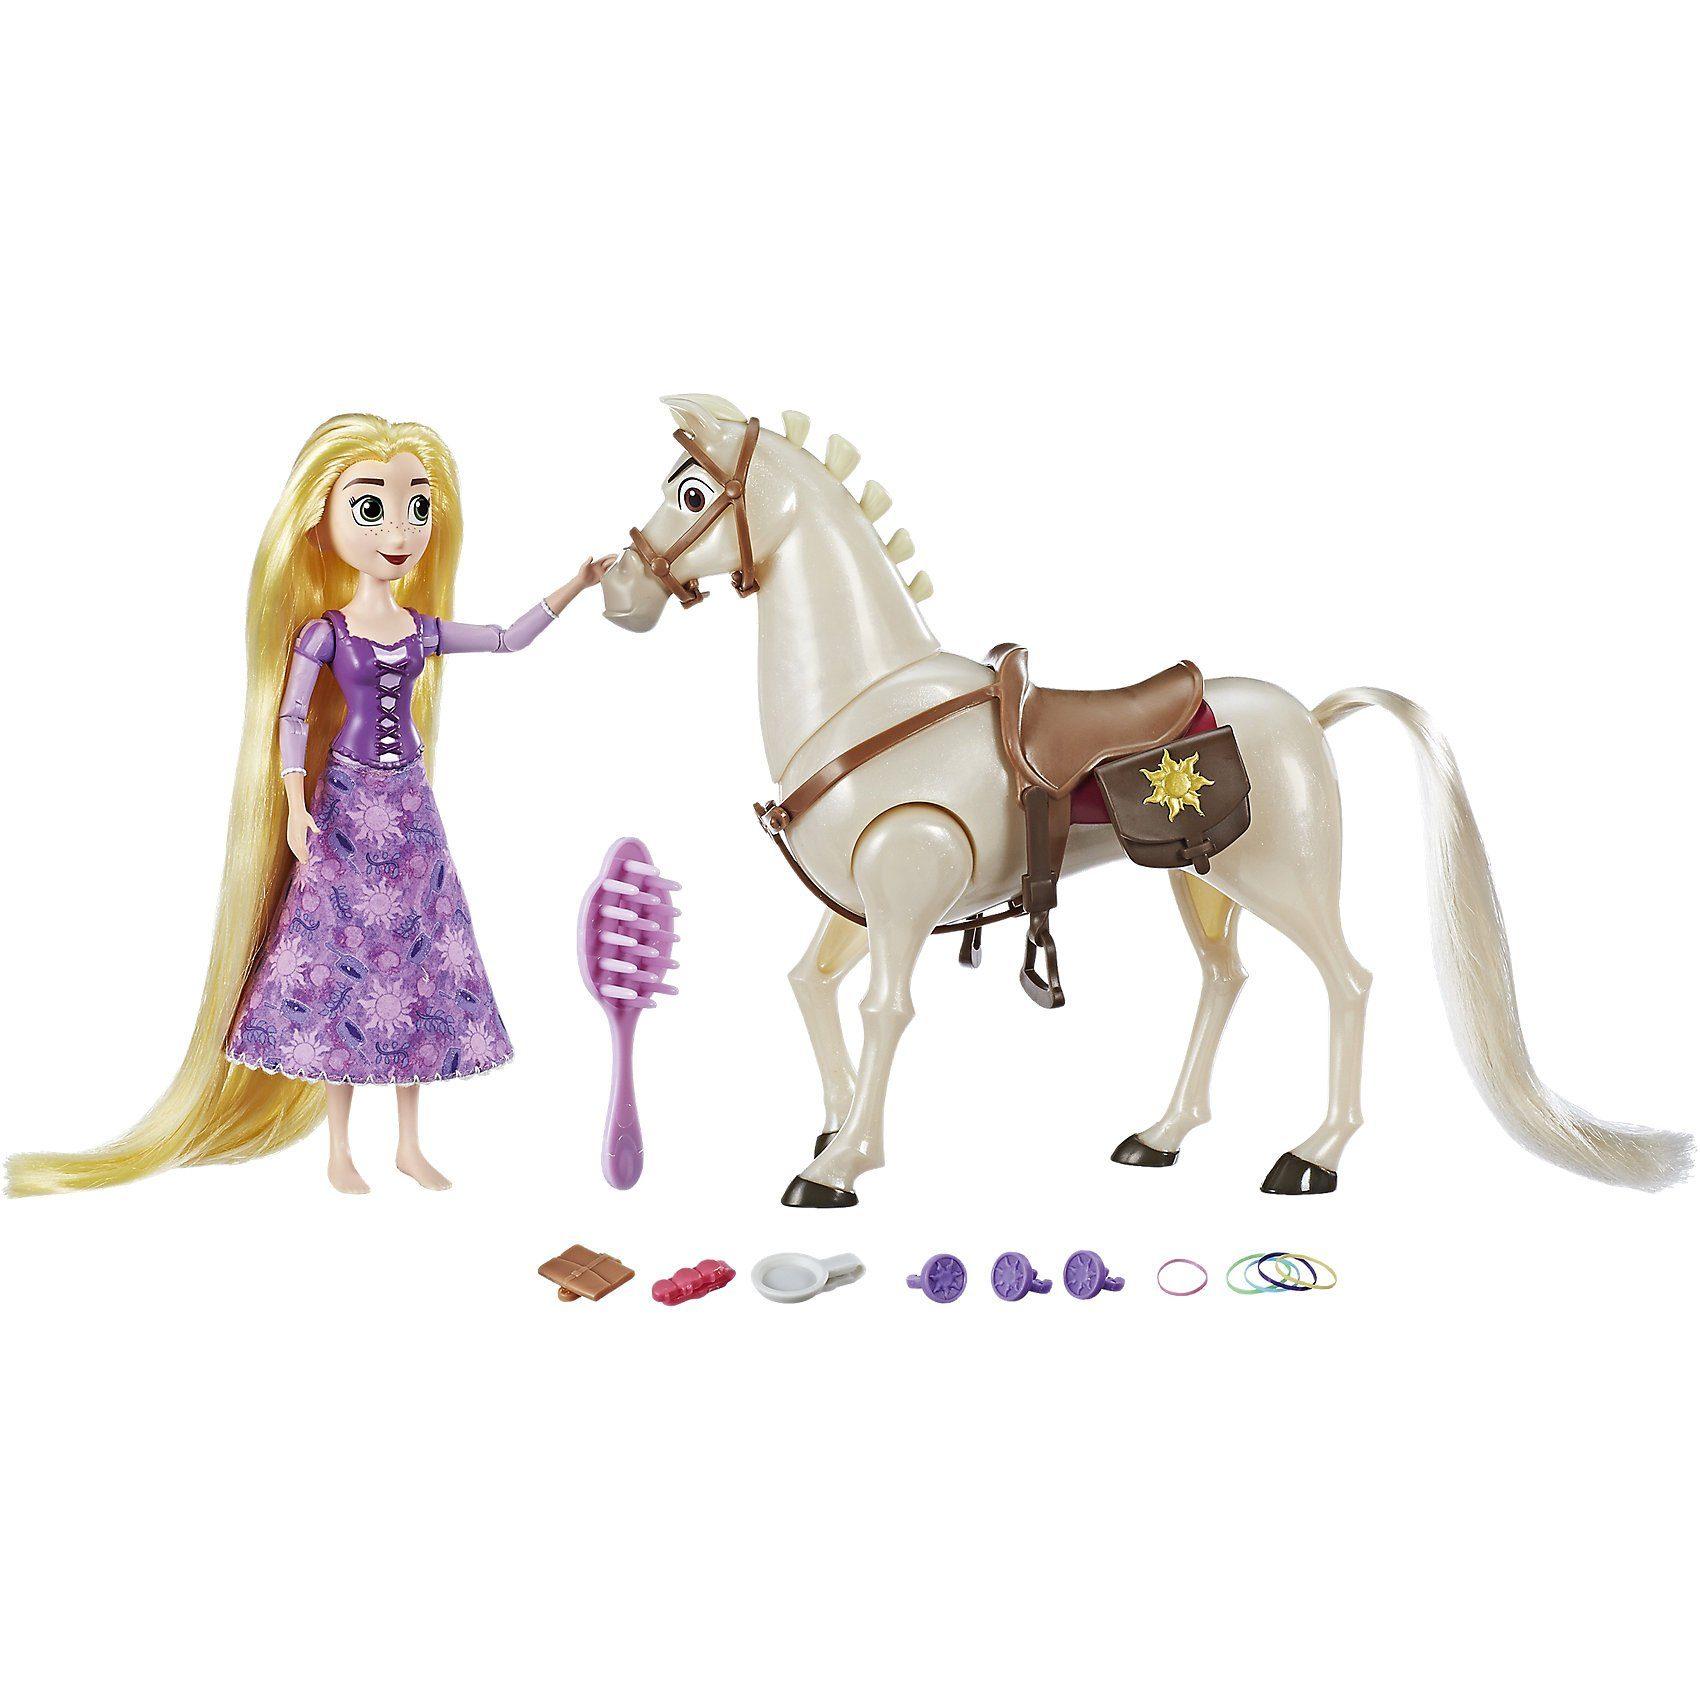 Hasbro Rapunzel: Die Serie Rapunzel & ihr Pferd Maximus